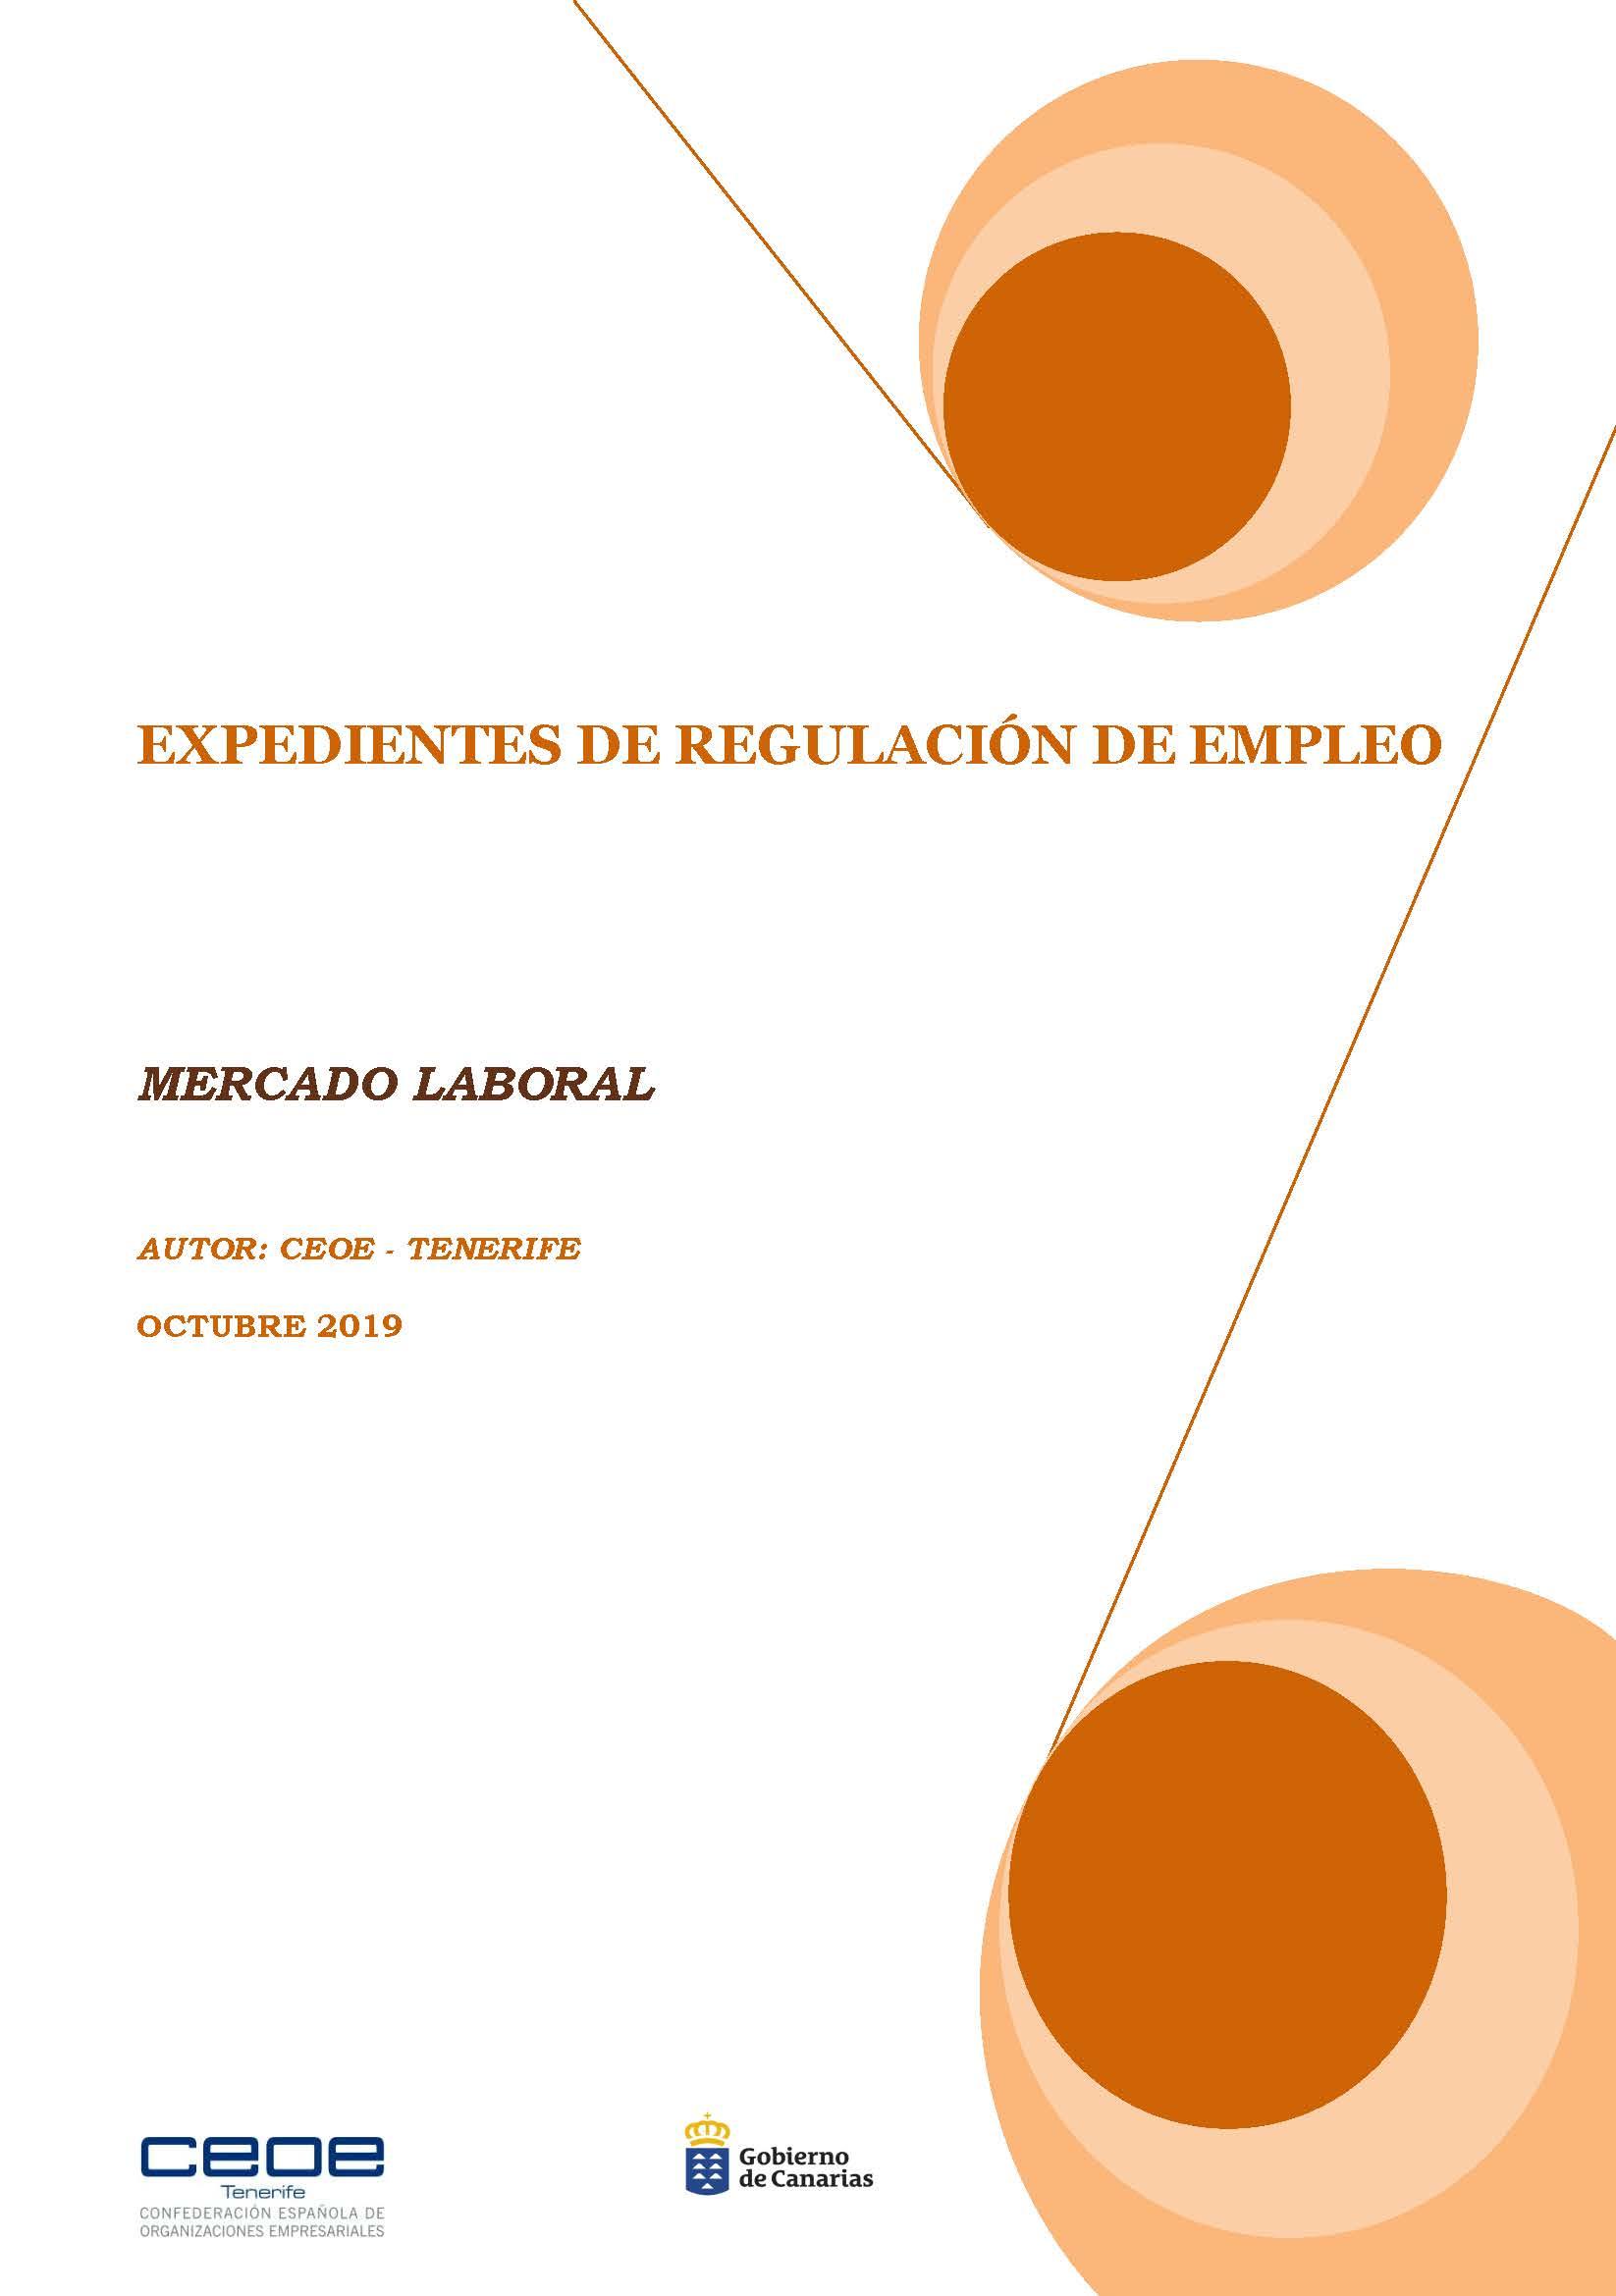 MERCADO LABORAL - ERES OCTUBRE 2019